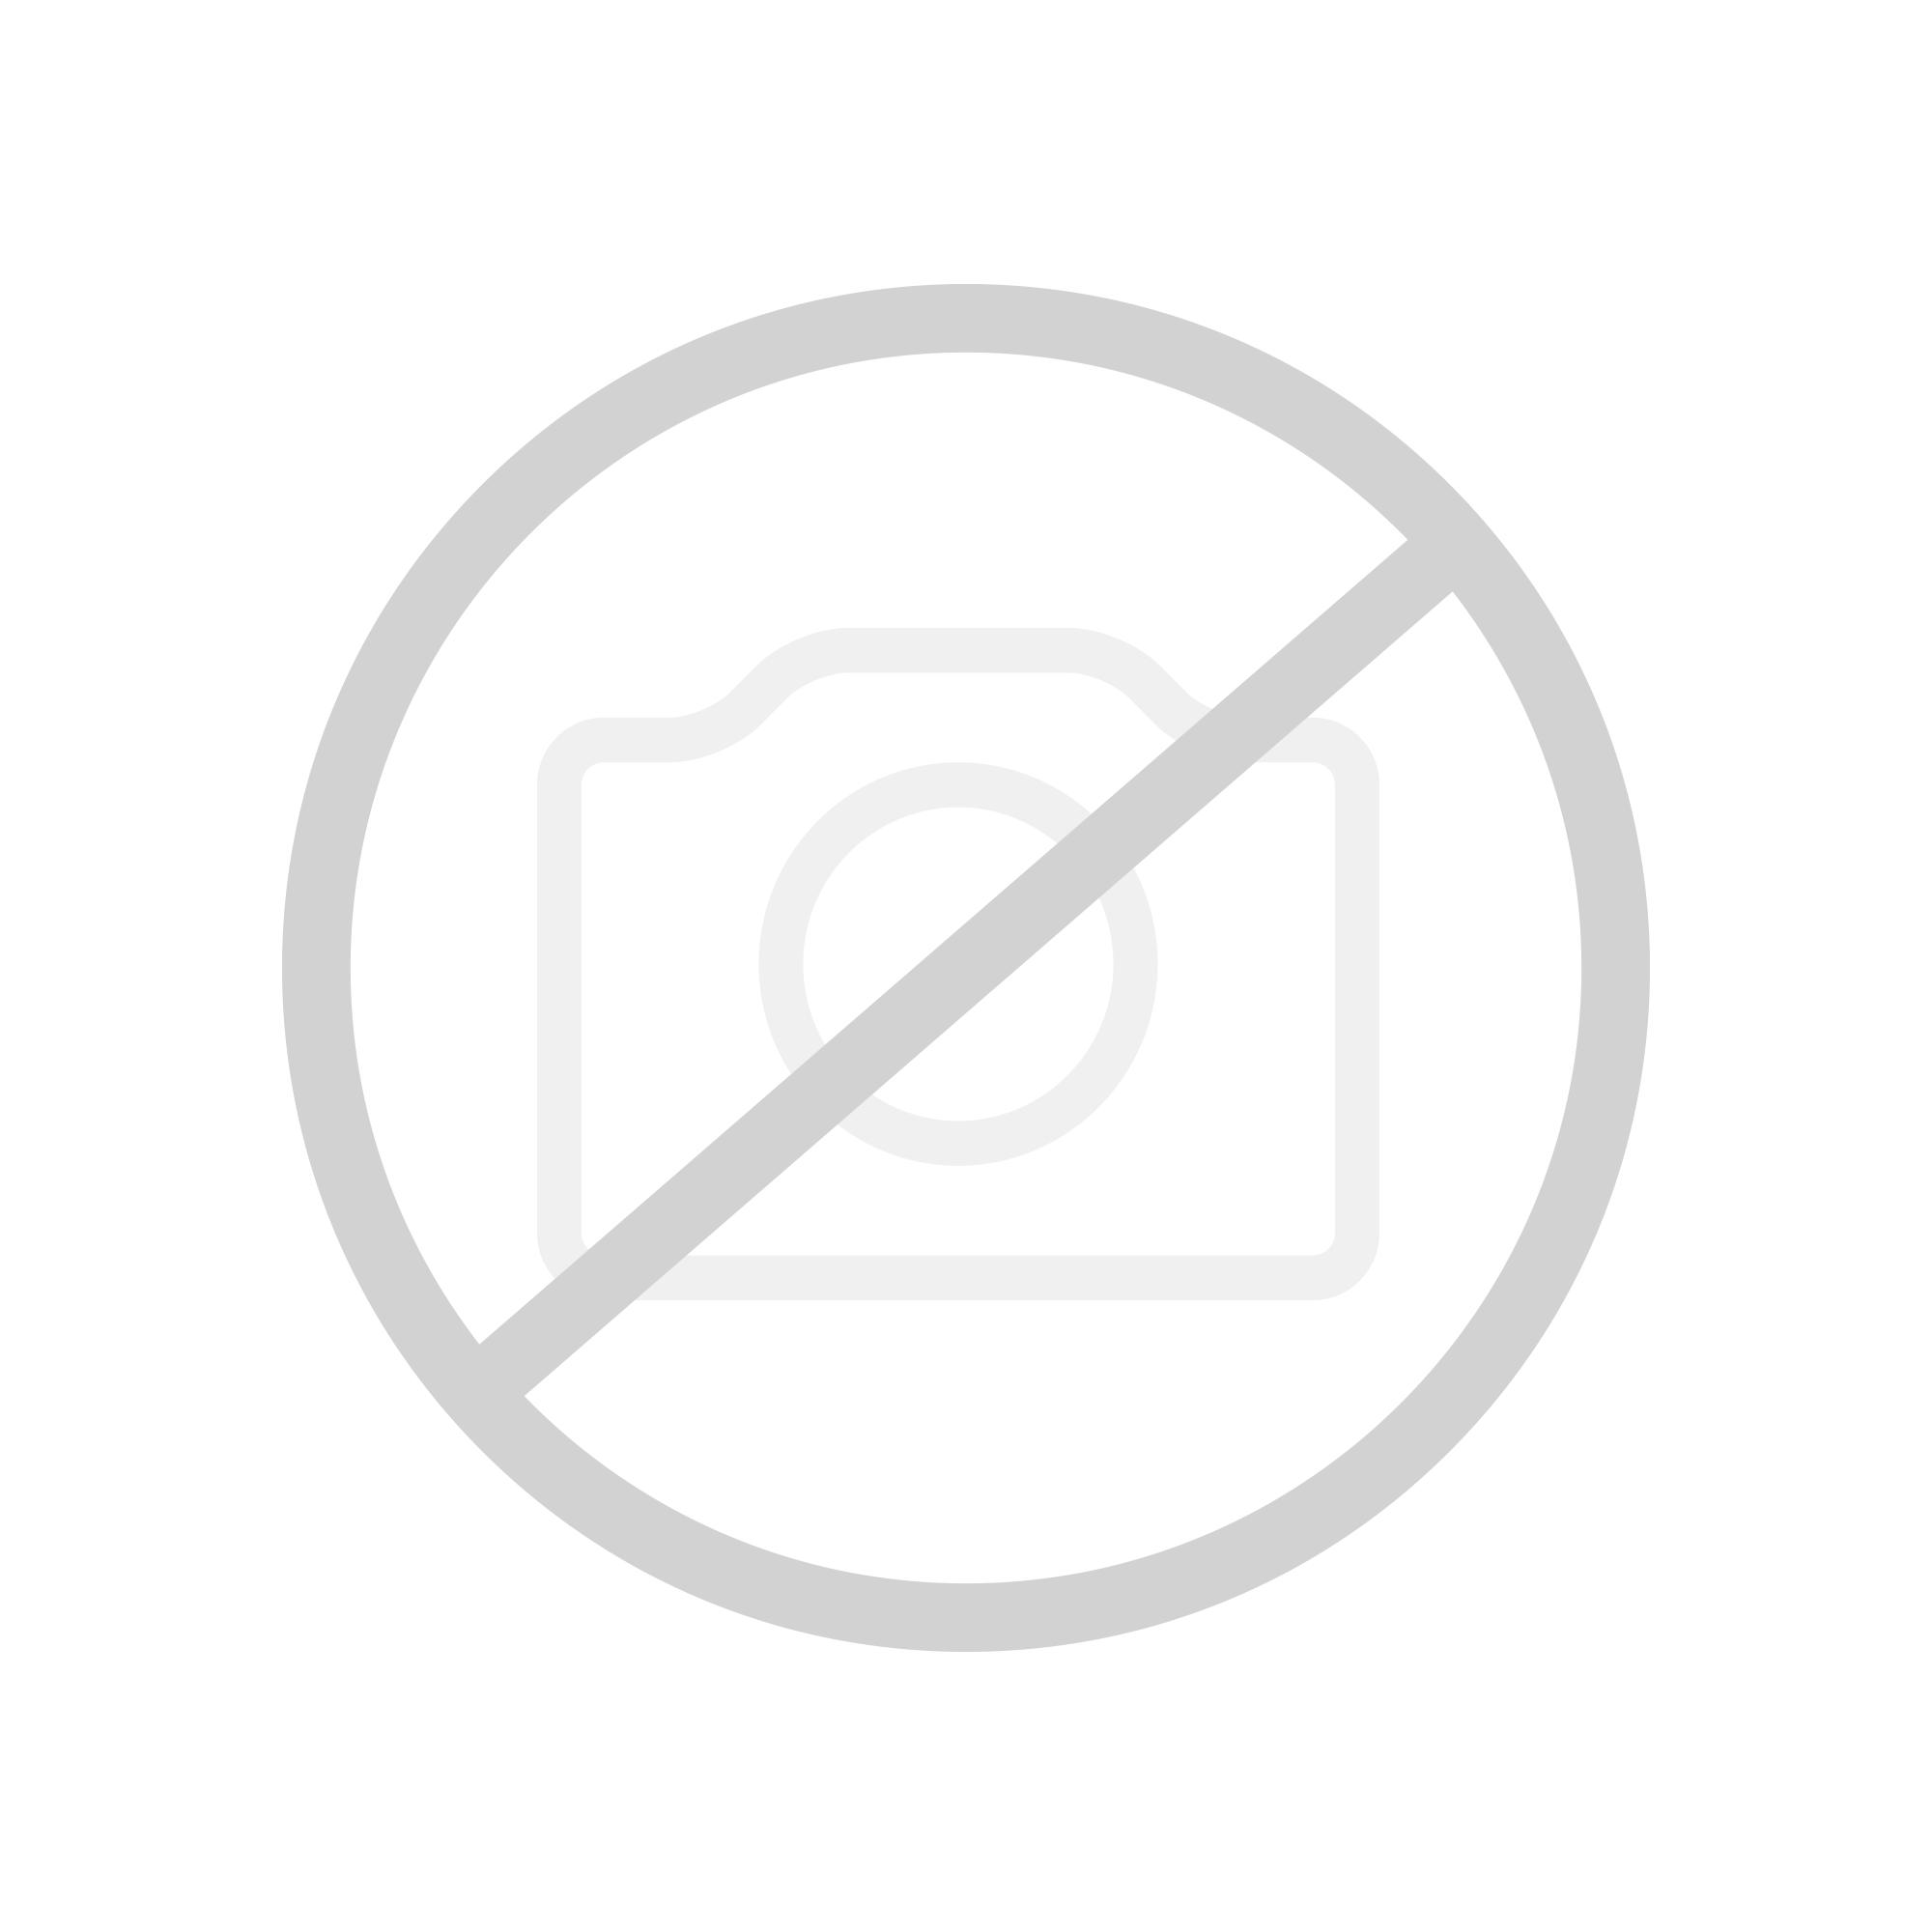 Doppelwaschtisch duravit  Doppelwaschtisch Duravit | gispatcher.com